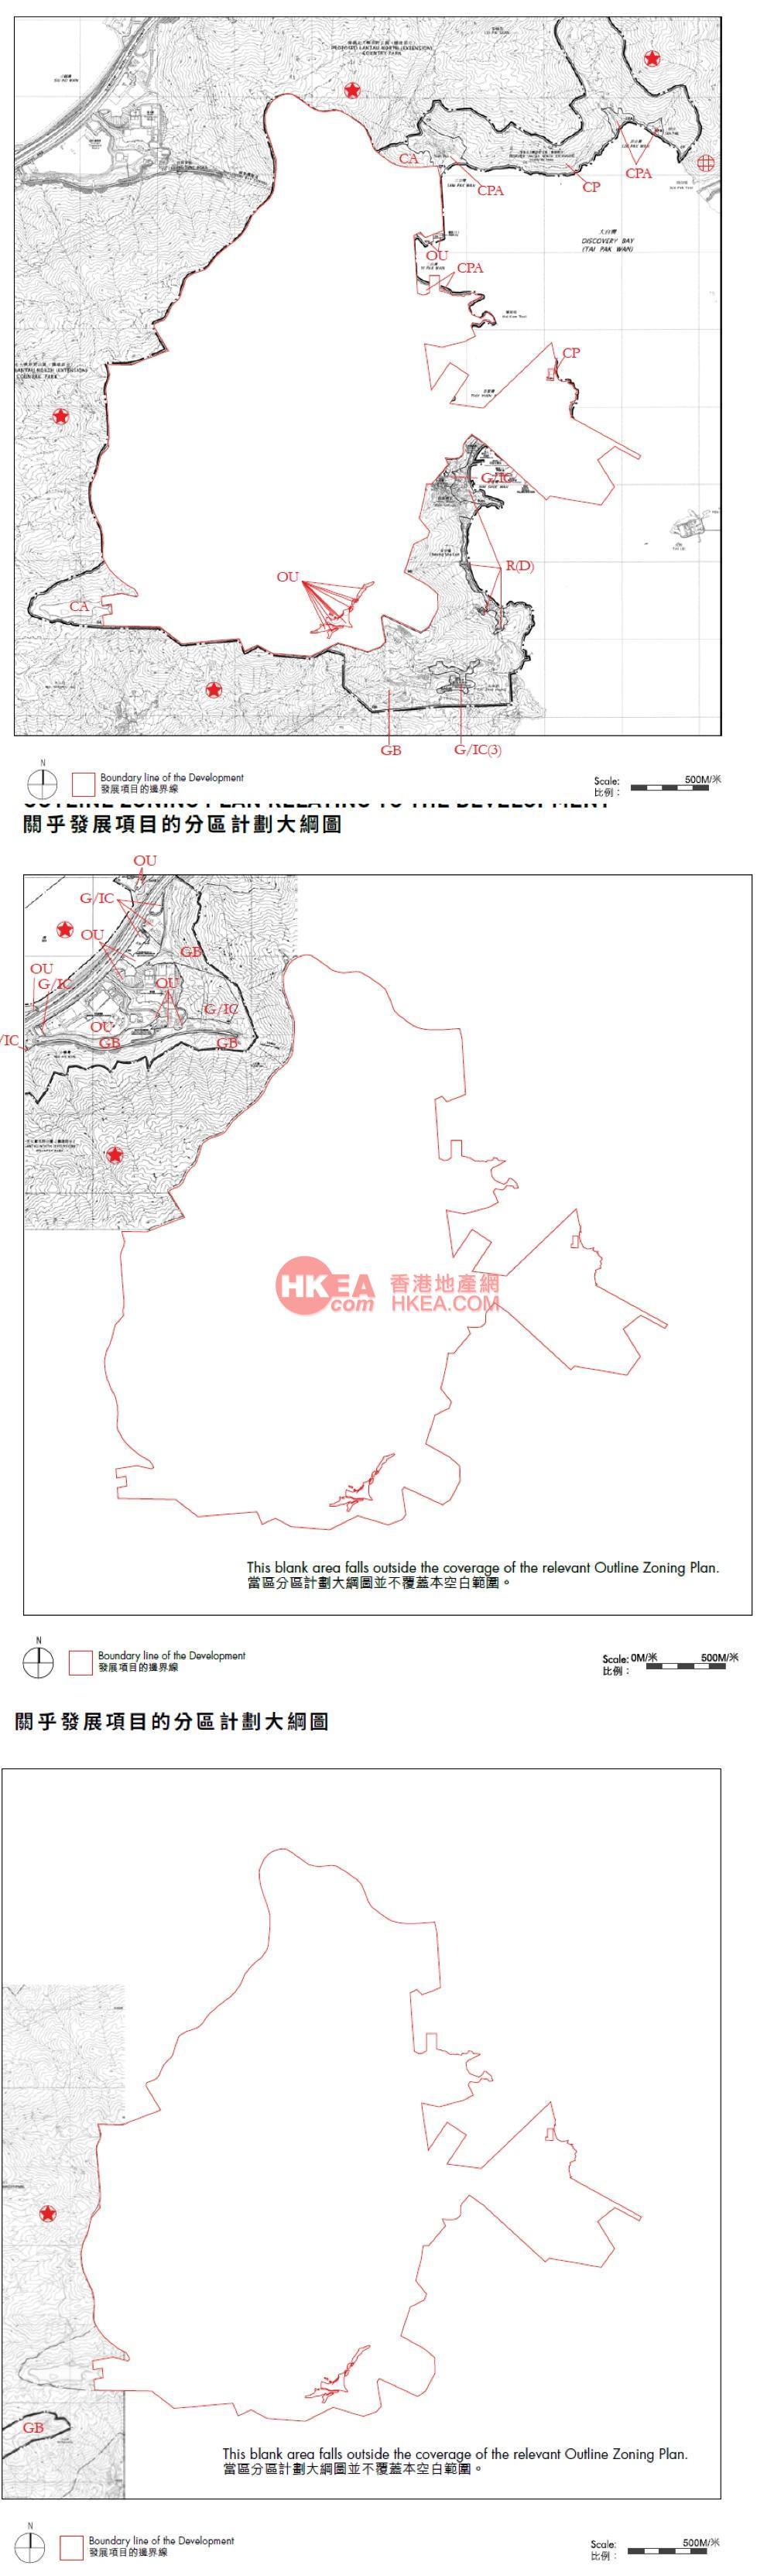 愉景灣 意峰規劃圖